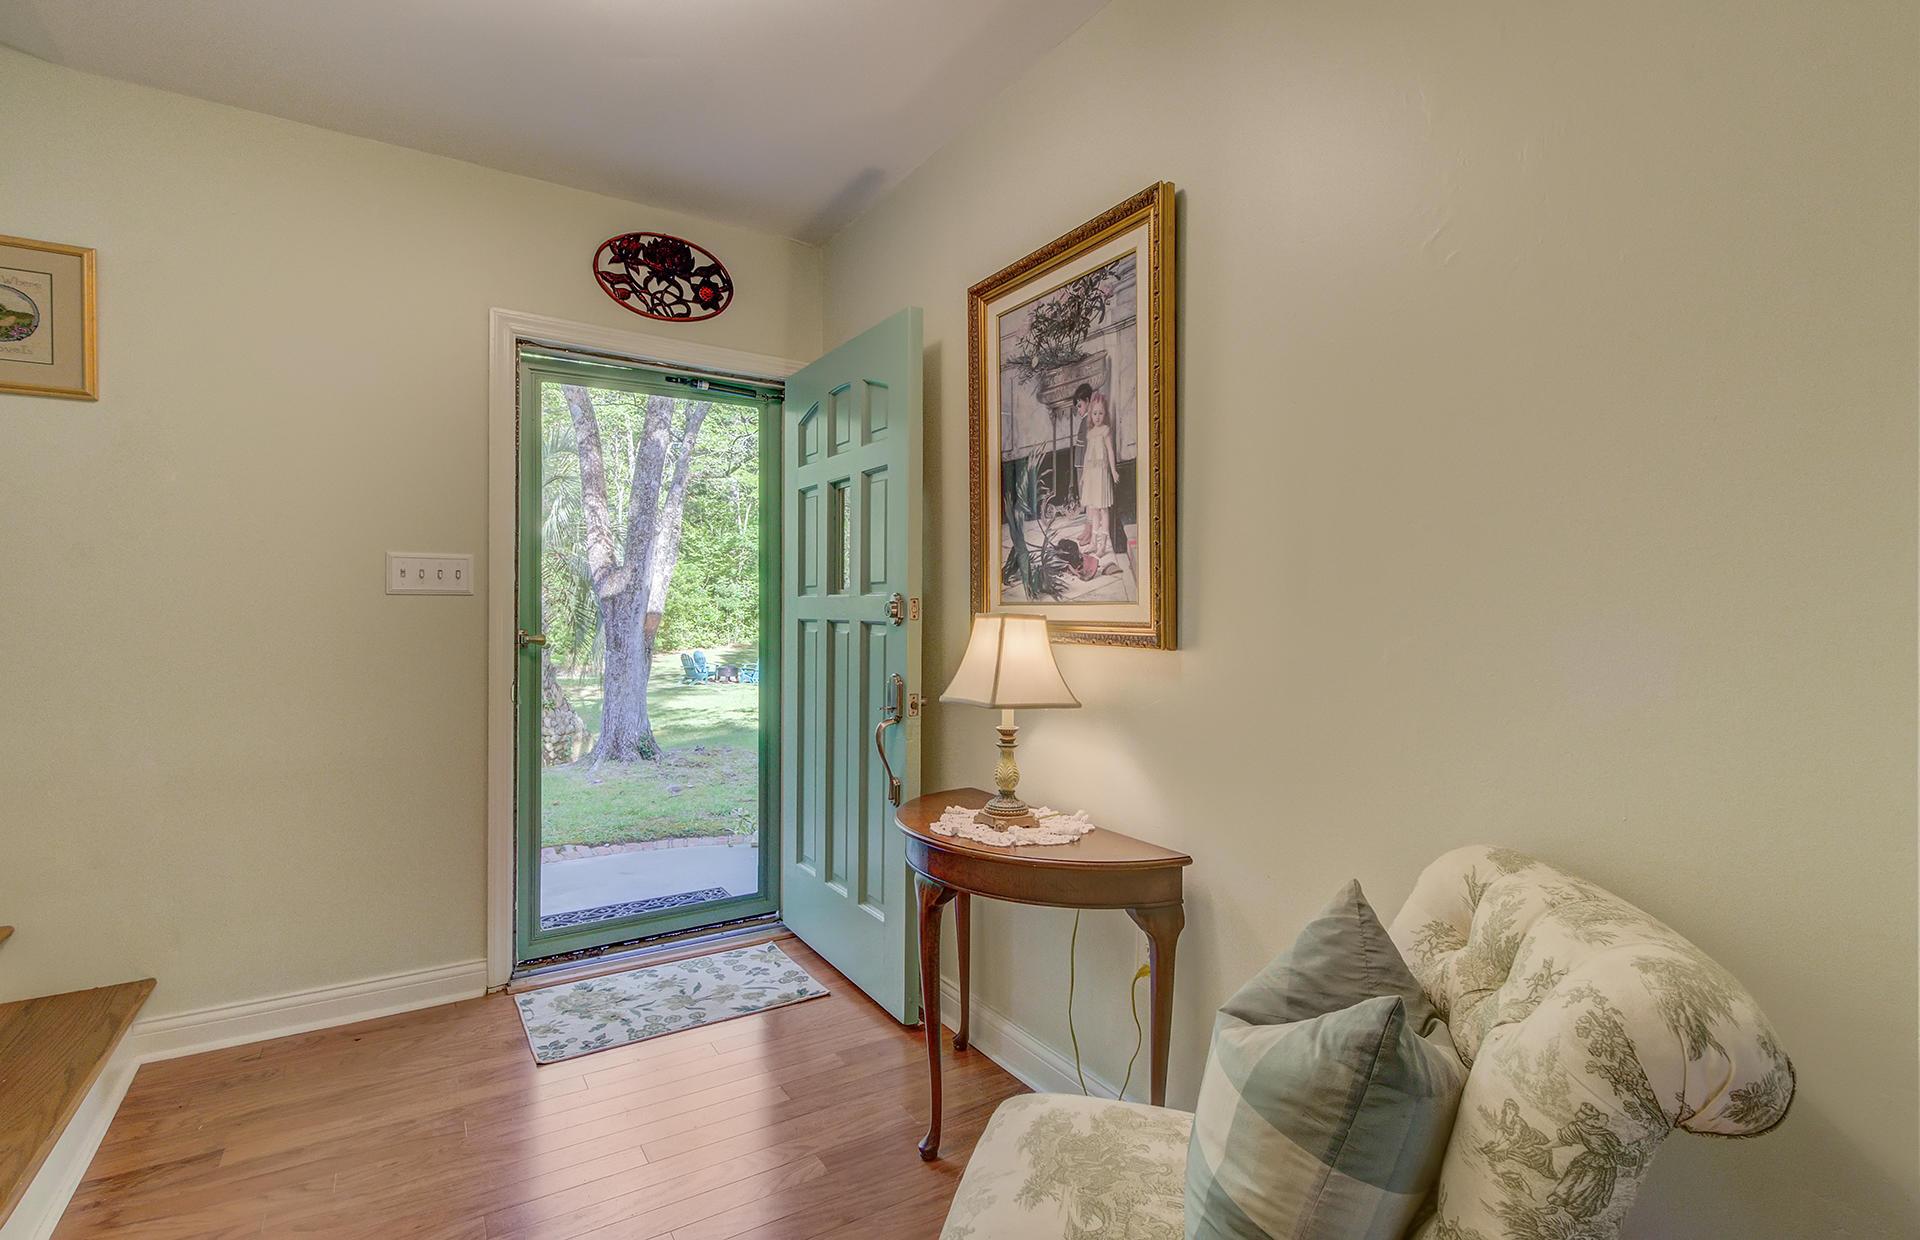 Pine Forest Inn Homes For Sale - 543 Simmons, Summerville, SC - 18